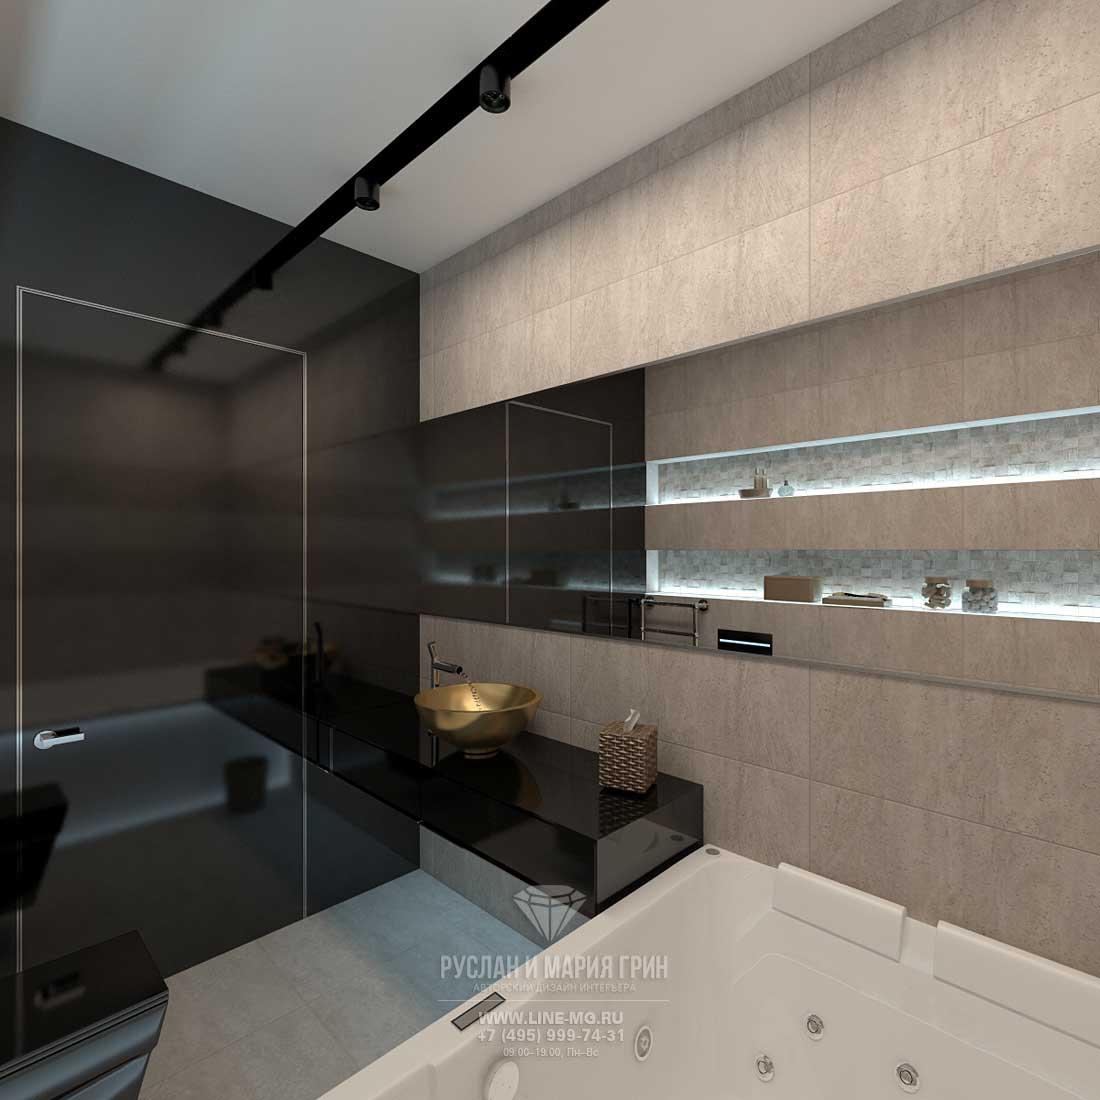 Дизайн ванной комнаты 3 кв м 53 фото с туалетом и